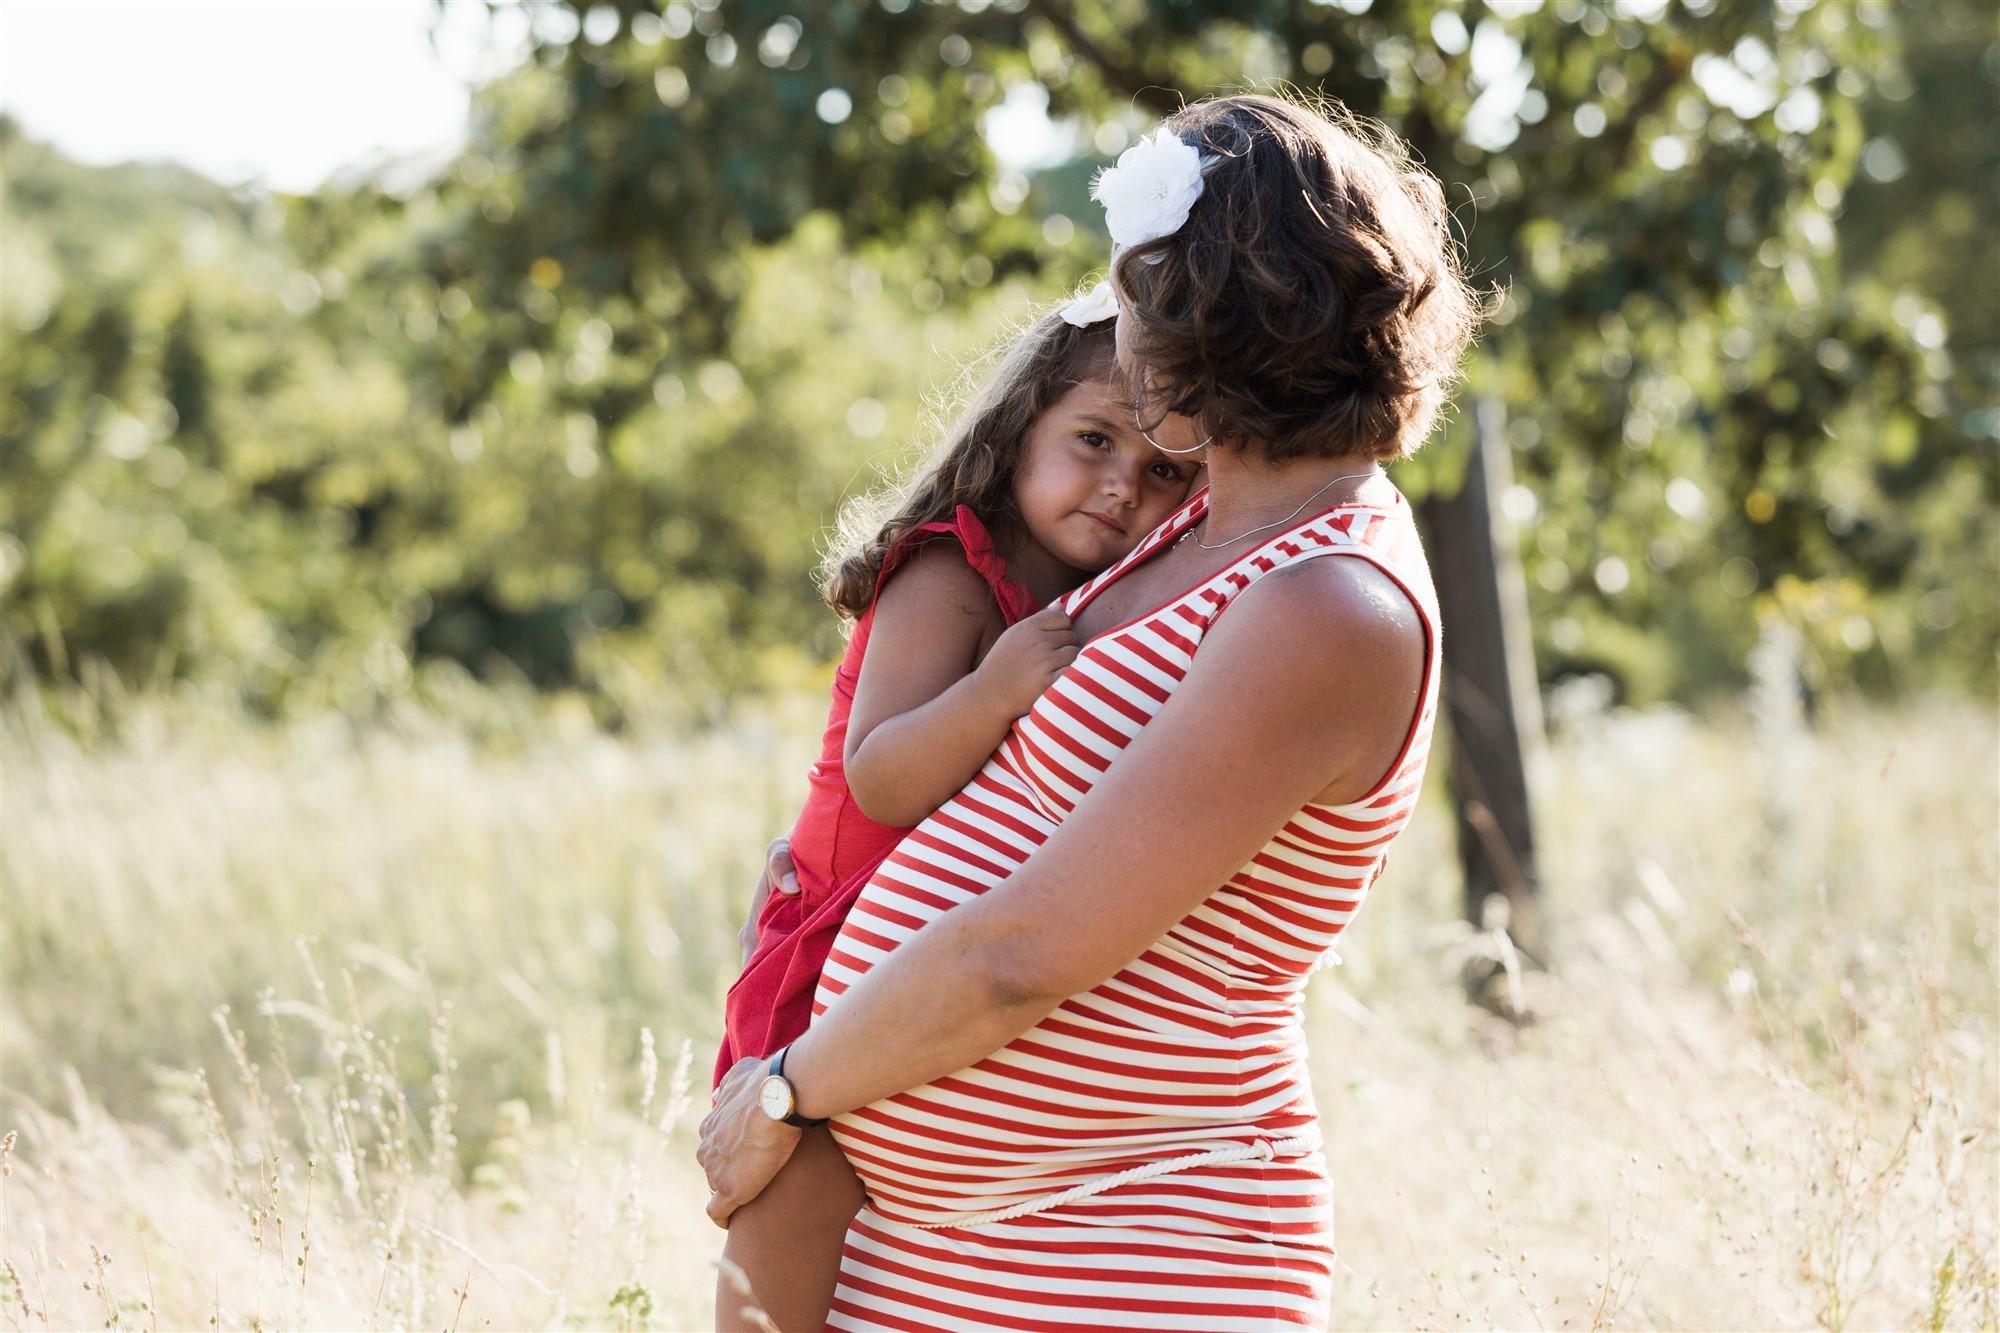 Die Mama mit ihrer süssen Tochter beim Fotoshooting in der Natur